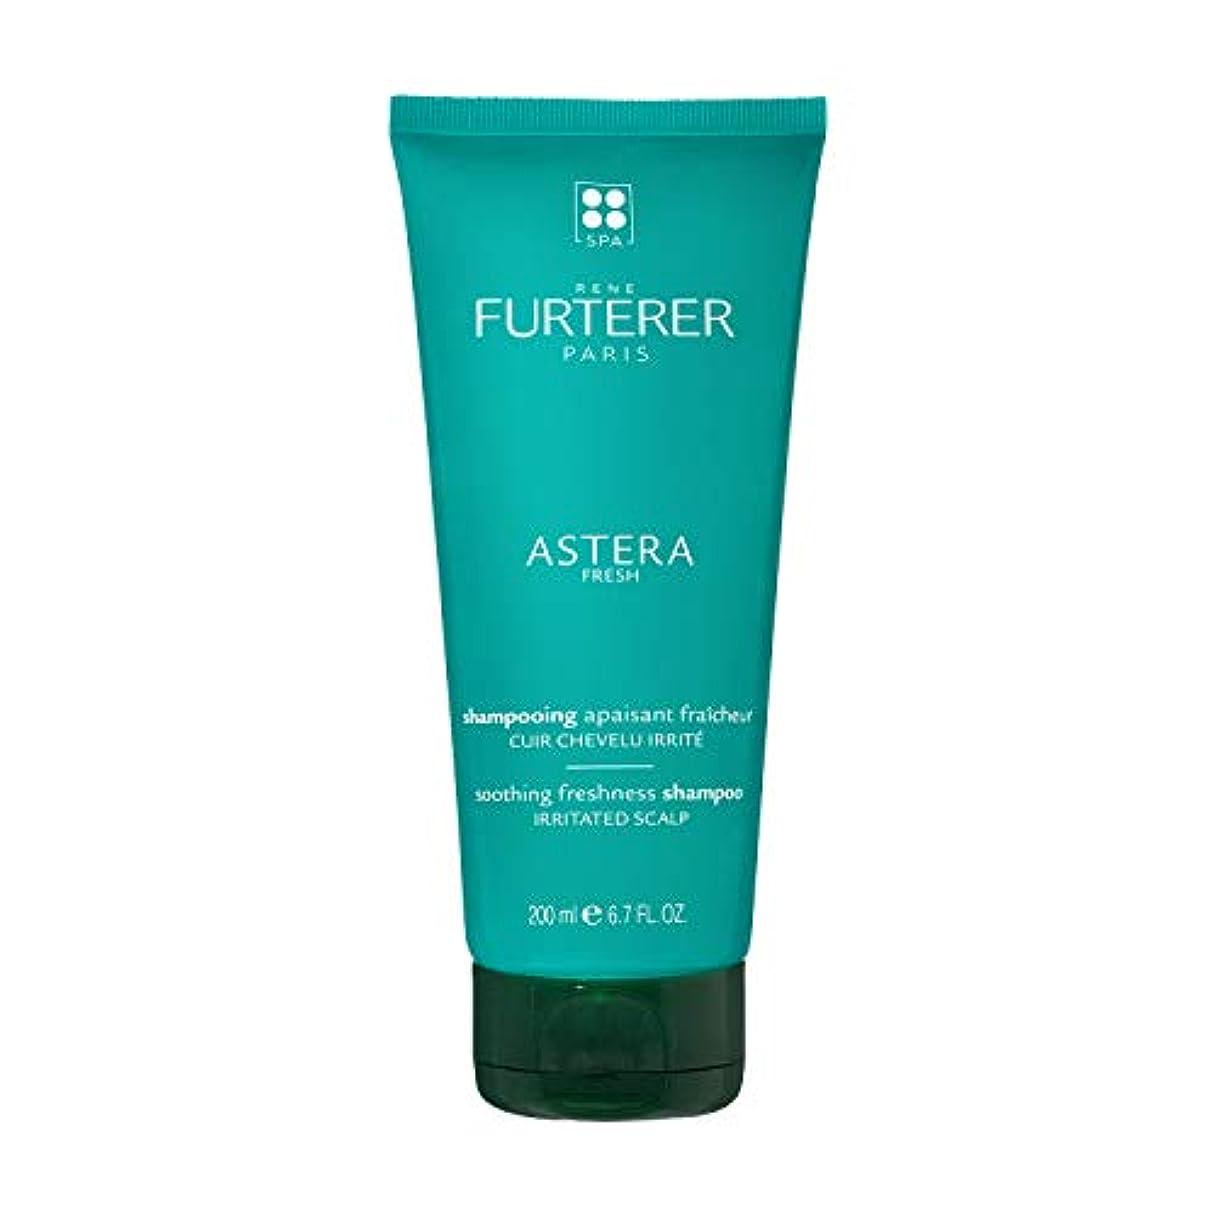 縁地区ジョージハンブリールネフルトレール Astera Soothing Freshness Shampoo (For Irritated Scalp) 200ml [海外直送品]